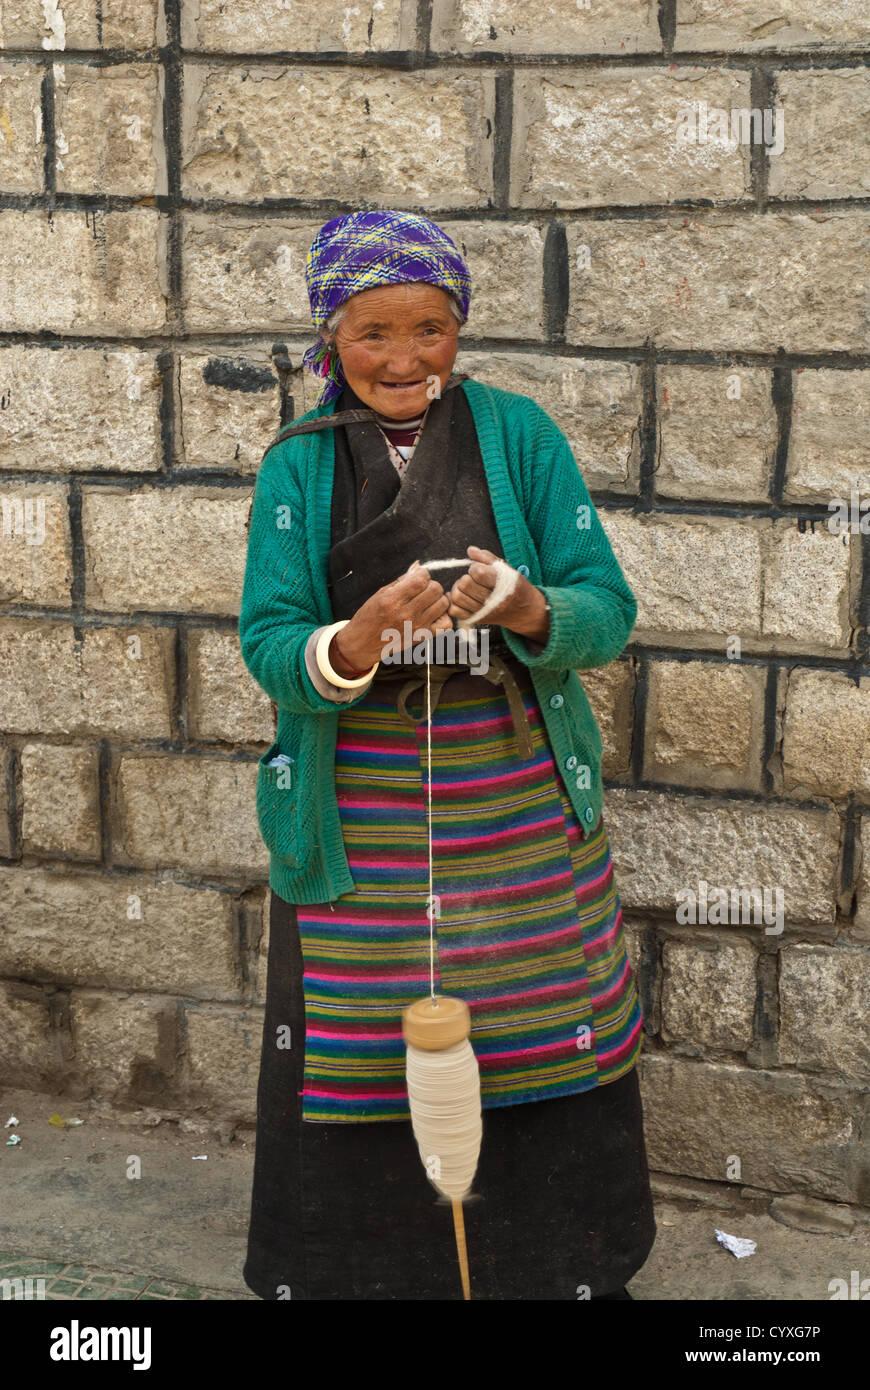 Old Tibetan woman spinning wool, Tibet, China - Stock Image